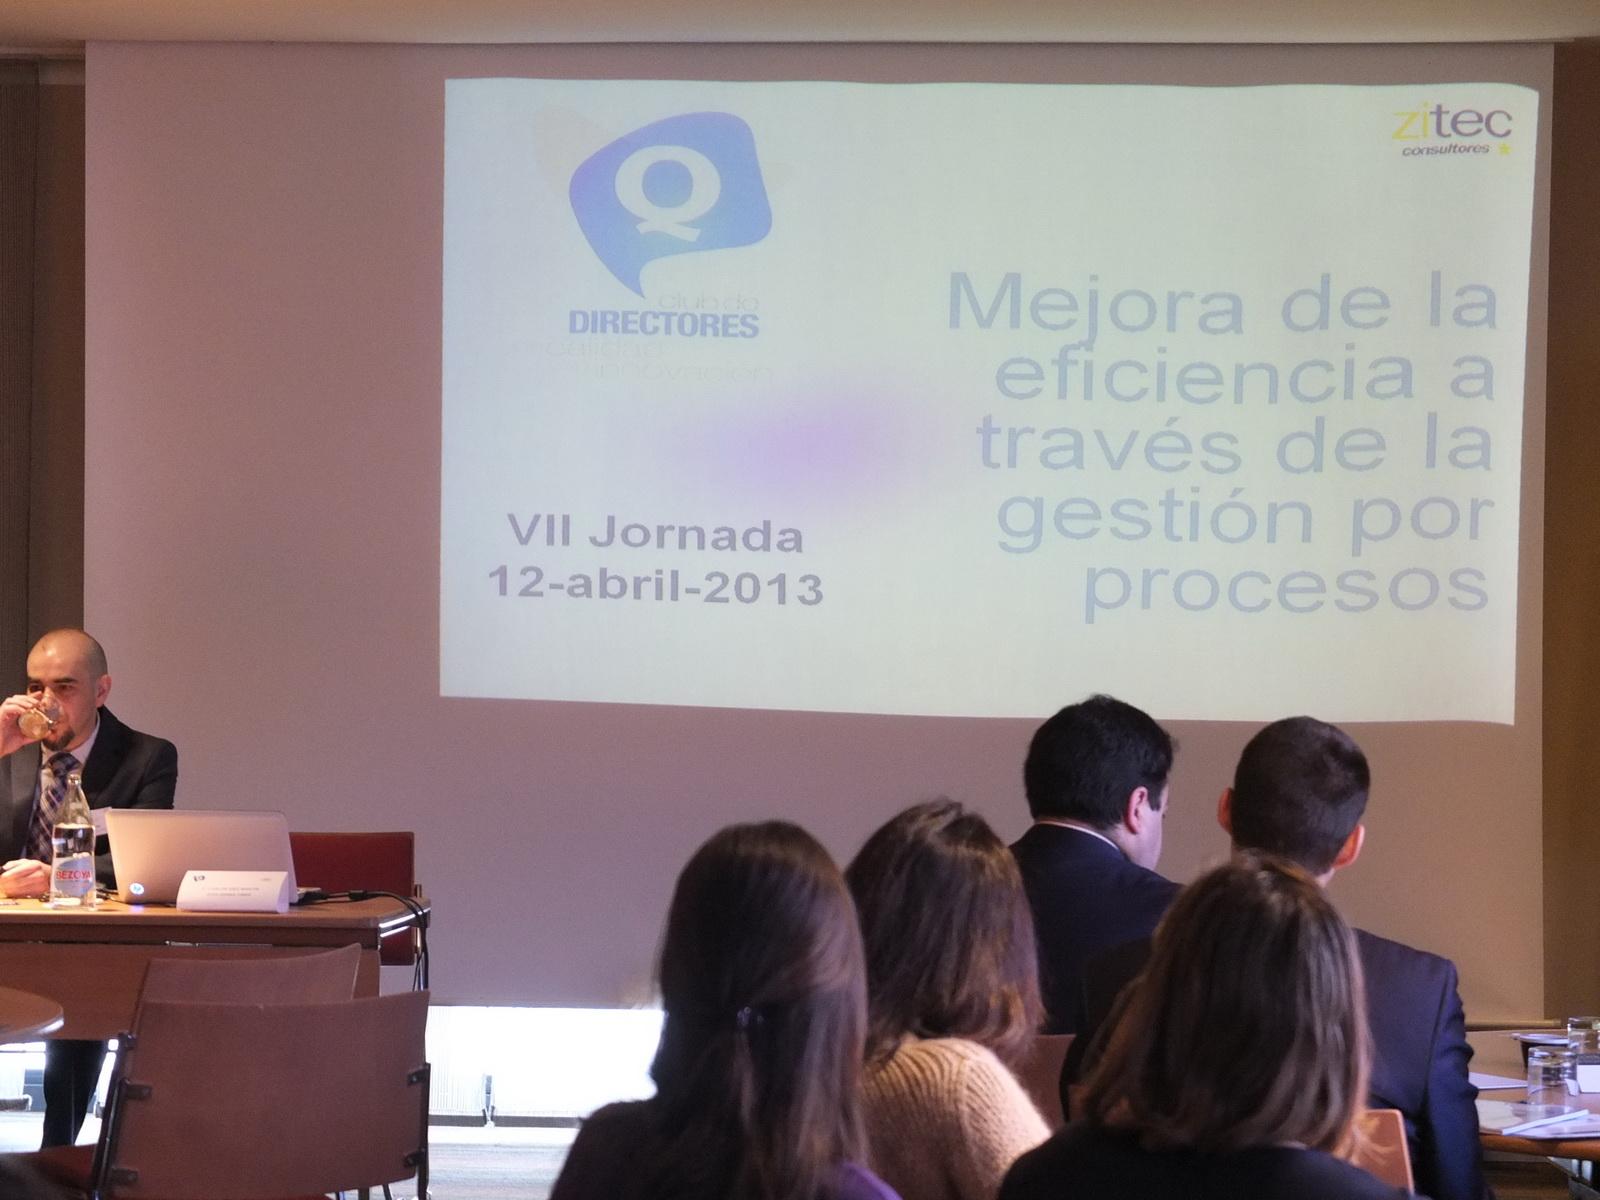 mejora-eficiencia-gestion-procesos-5